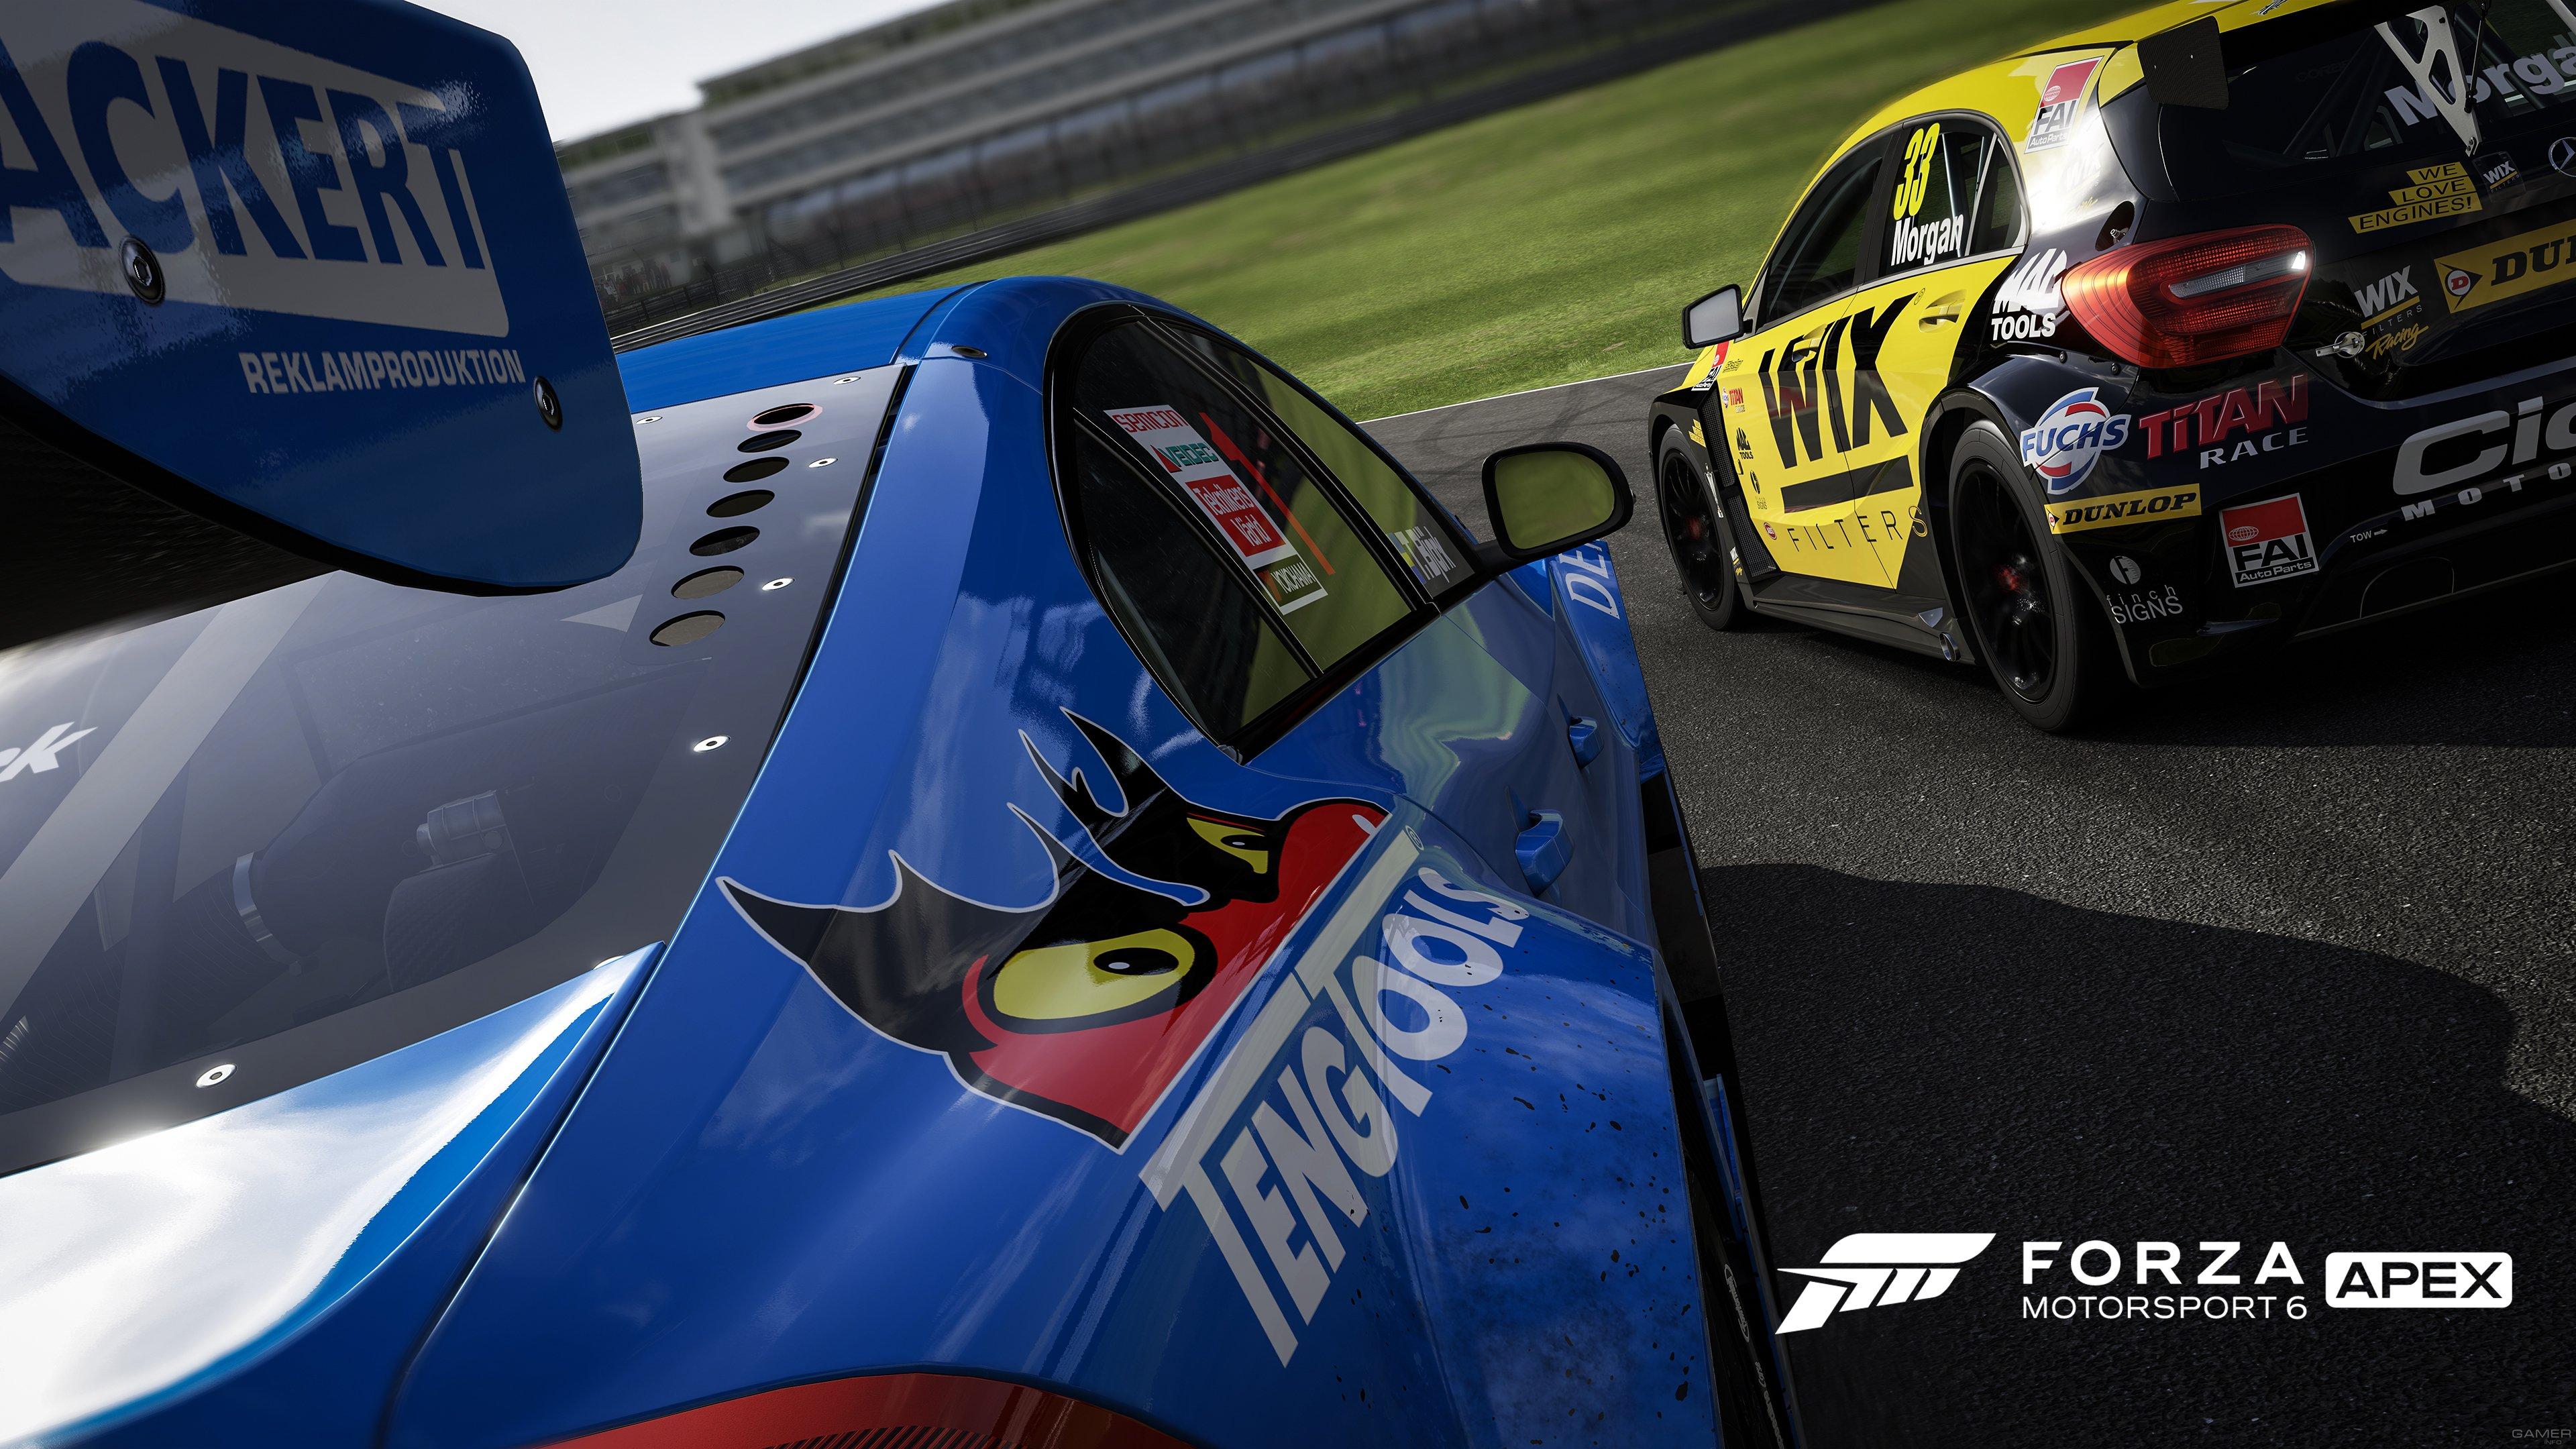 Релиз Forza Motorsport 6: Apex